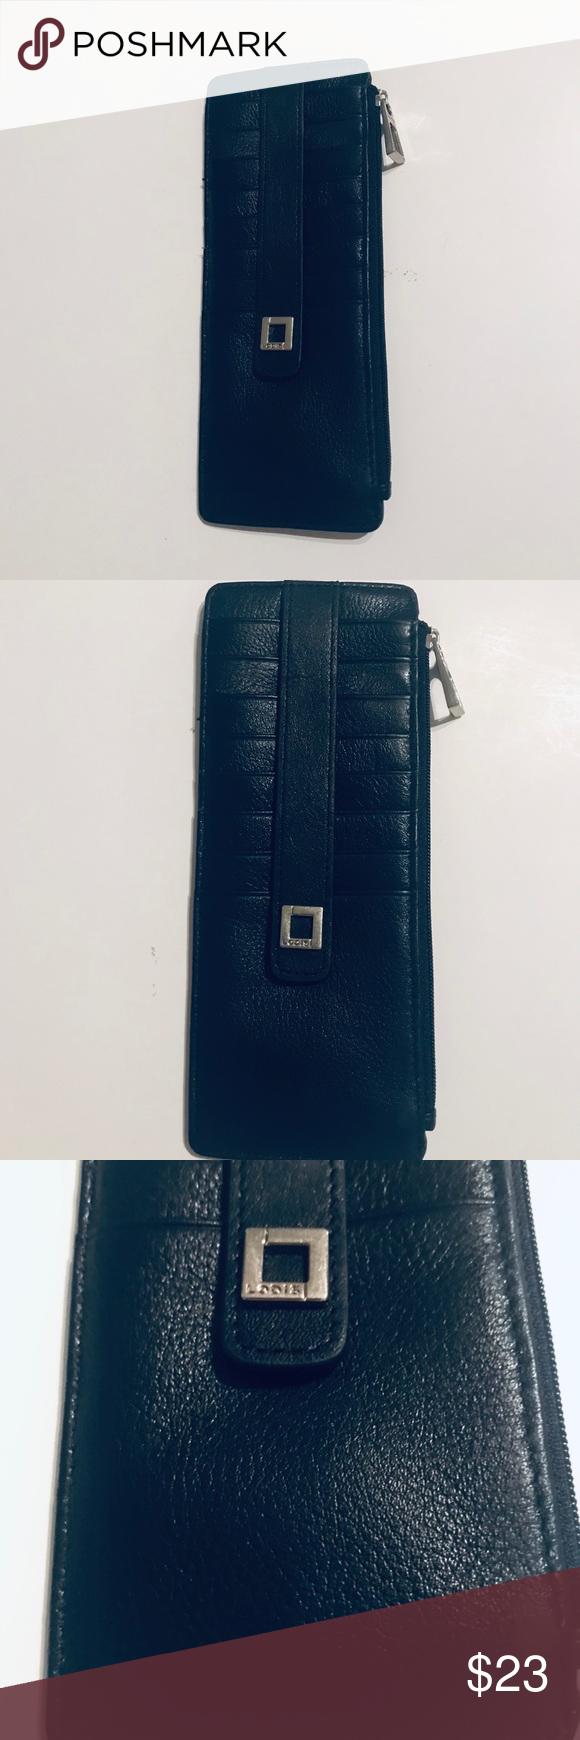 Lodis RFID Protection slim credit card wallet Slim